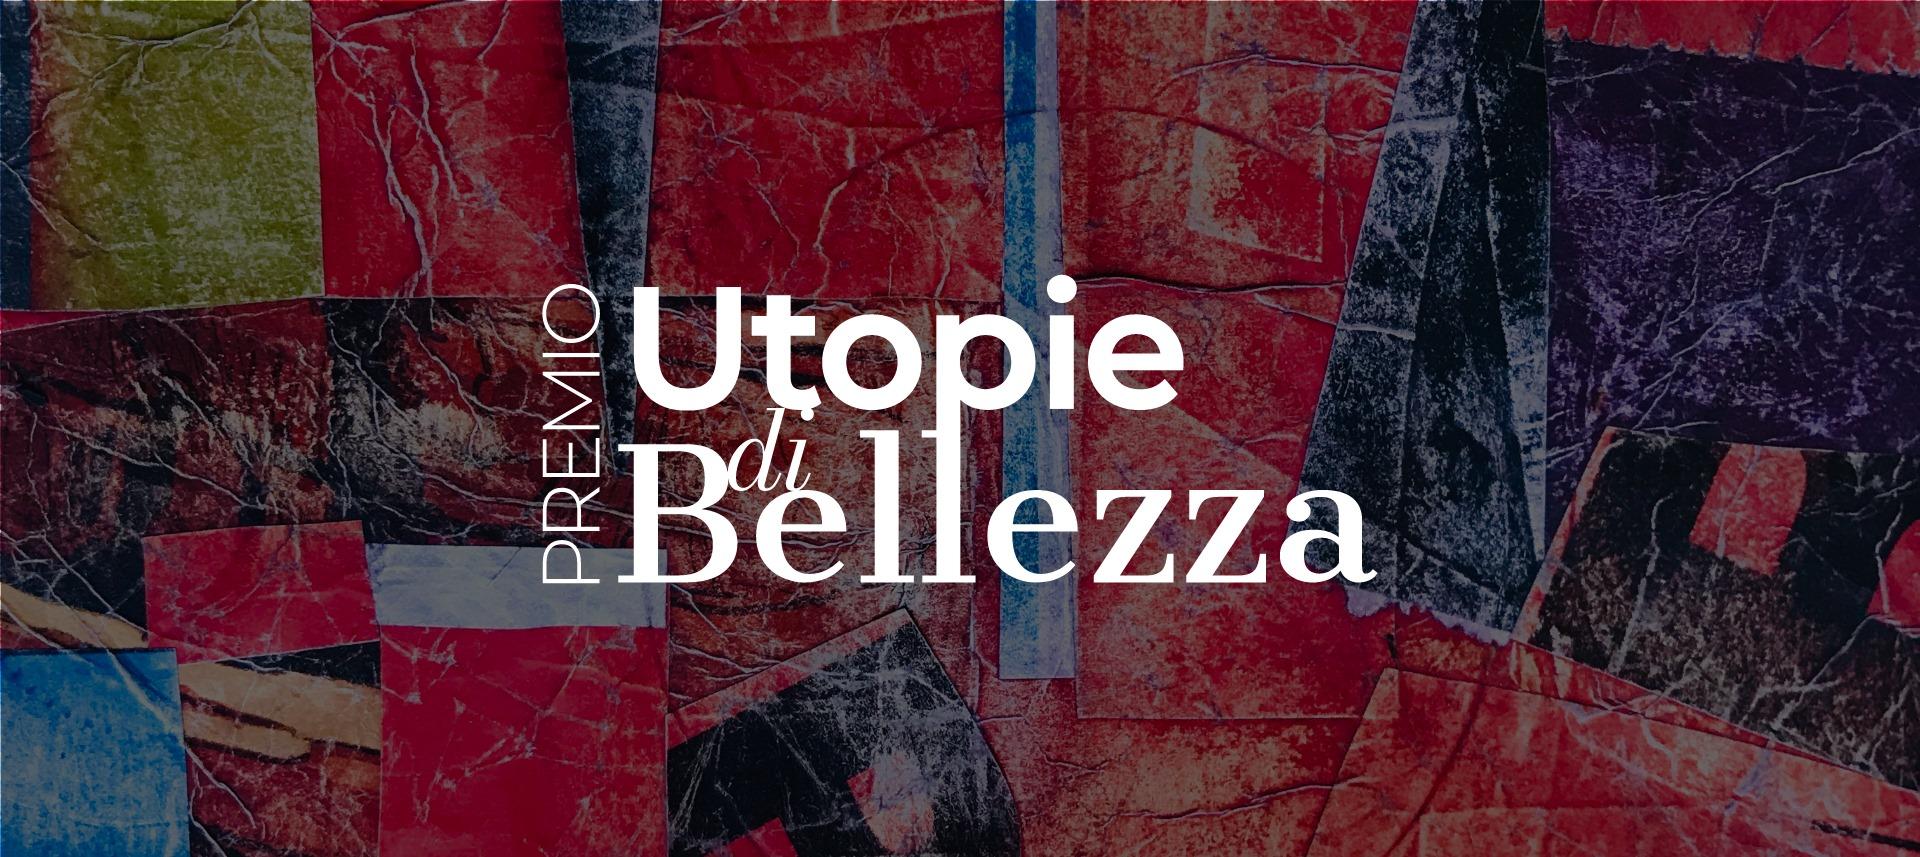 Premio Utopie di bellezza